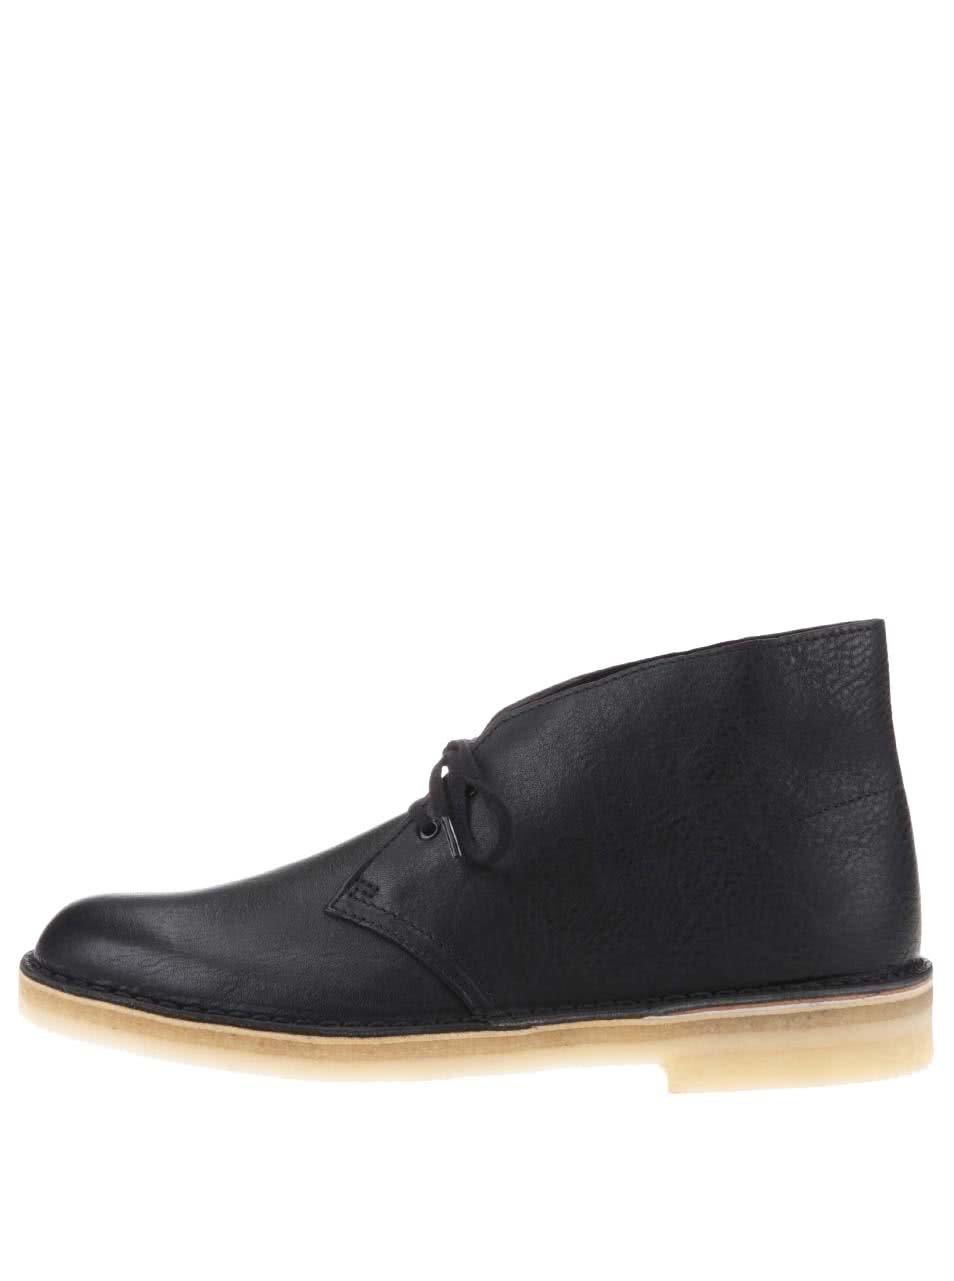 Černé pánské kožené kotníkové boty Clarks Desert Boot ... 9dbf84653a